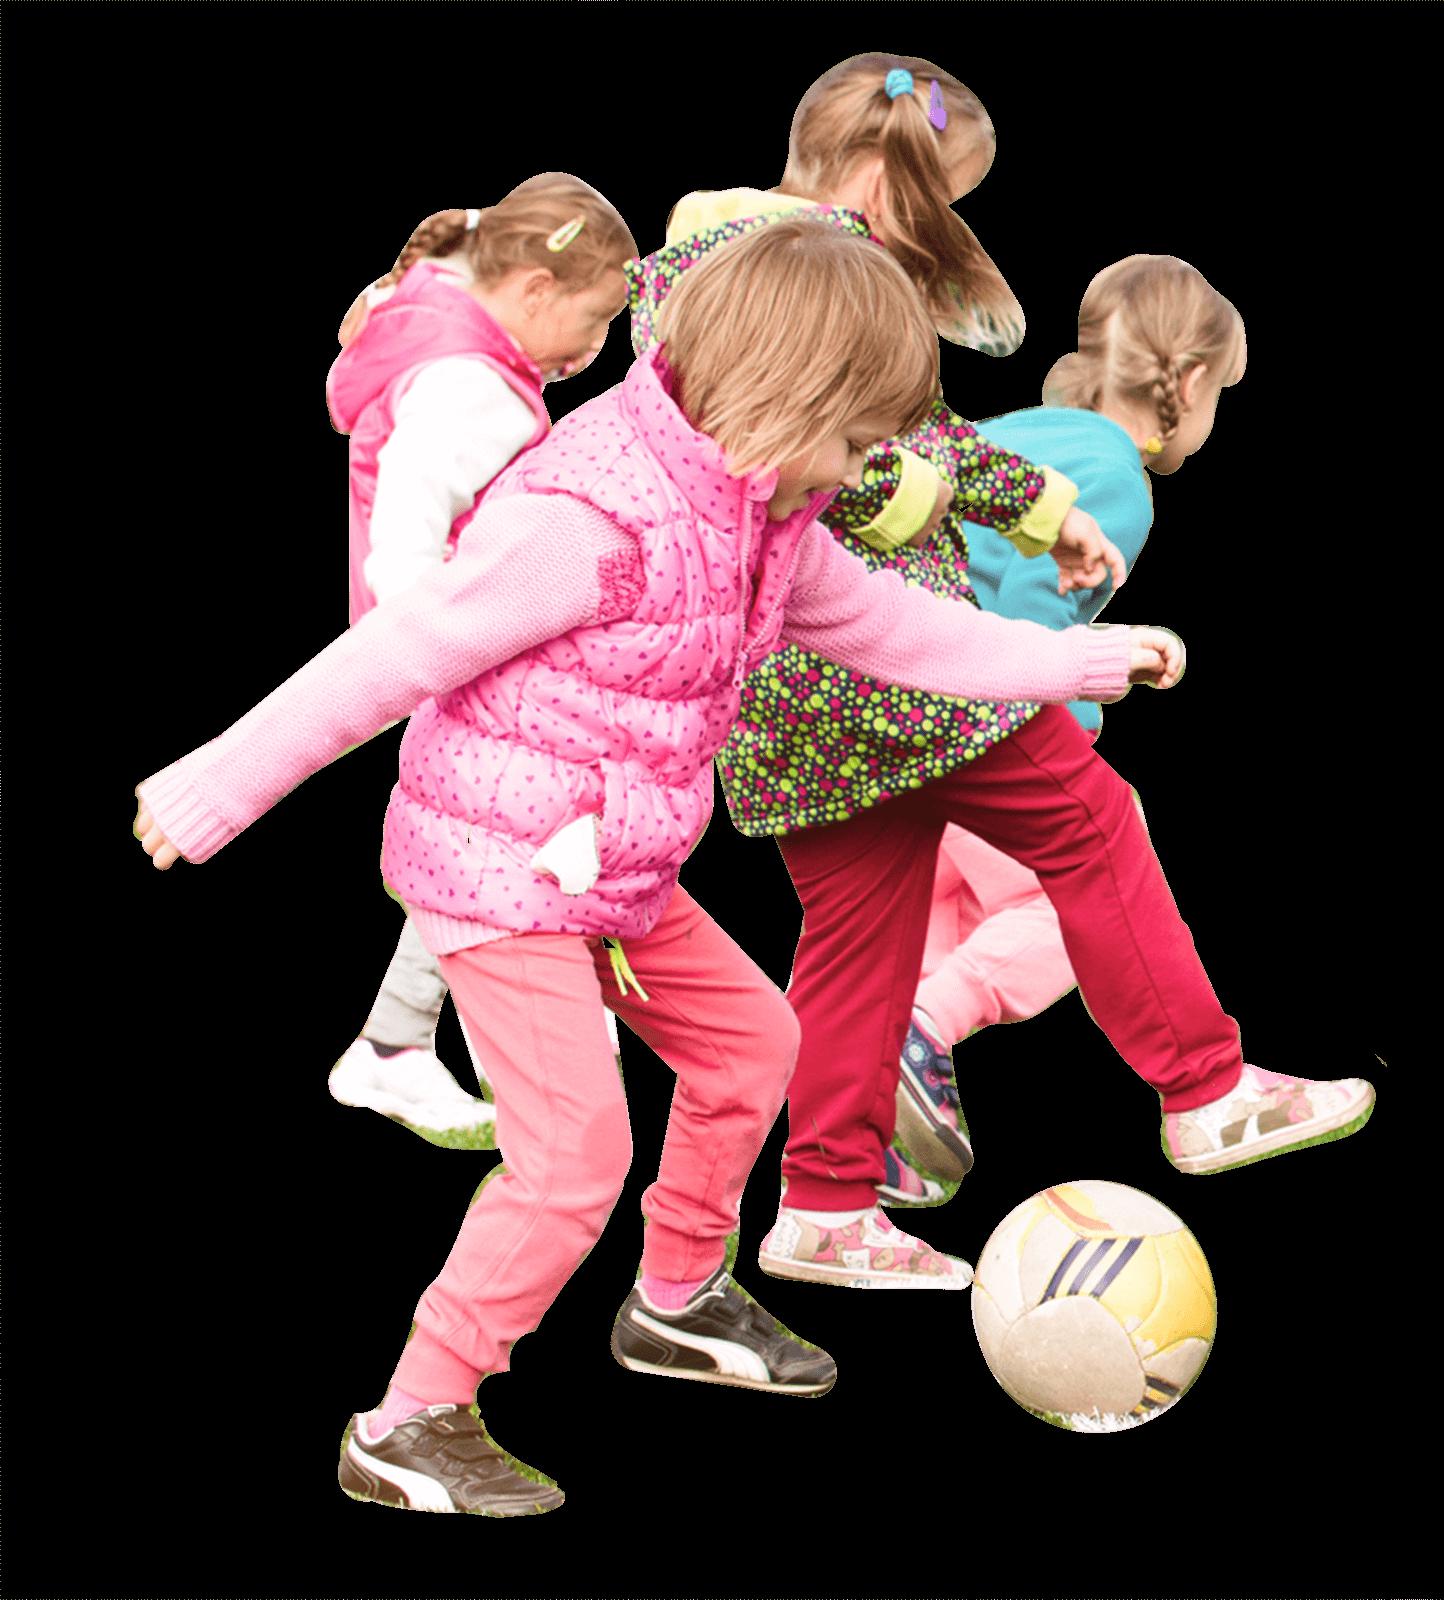 Aktives Ferienprogramm für Kinder - nicht nur mit Ballspiel